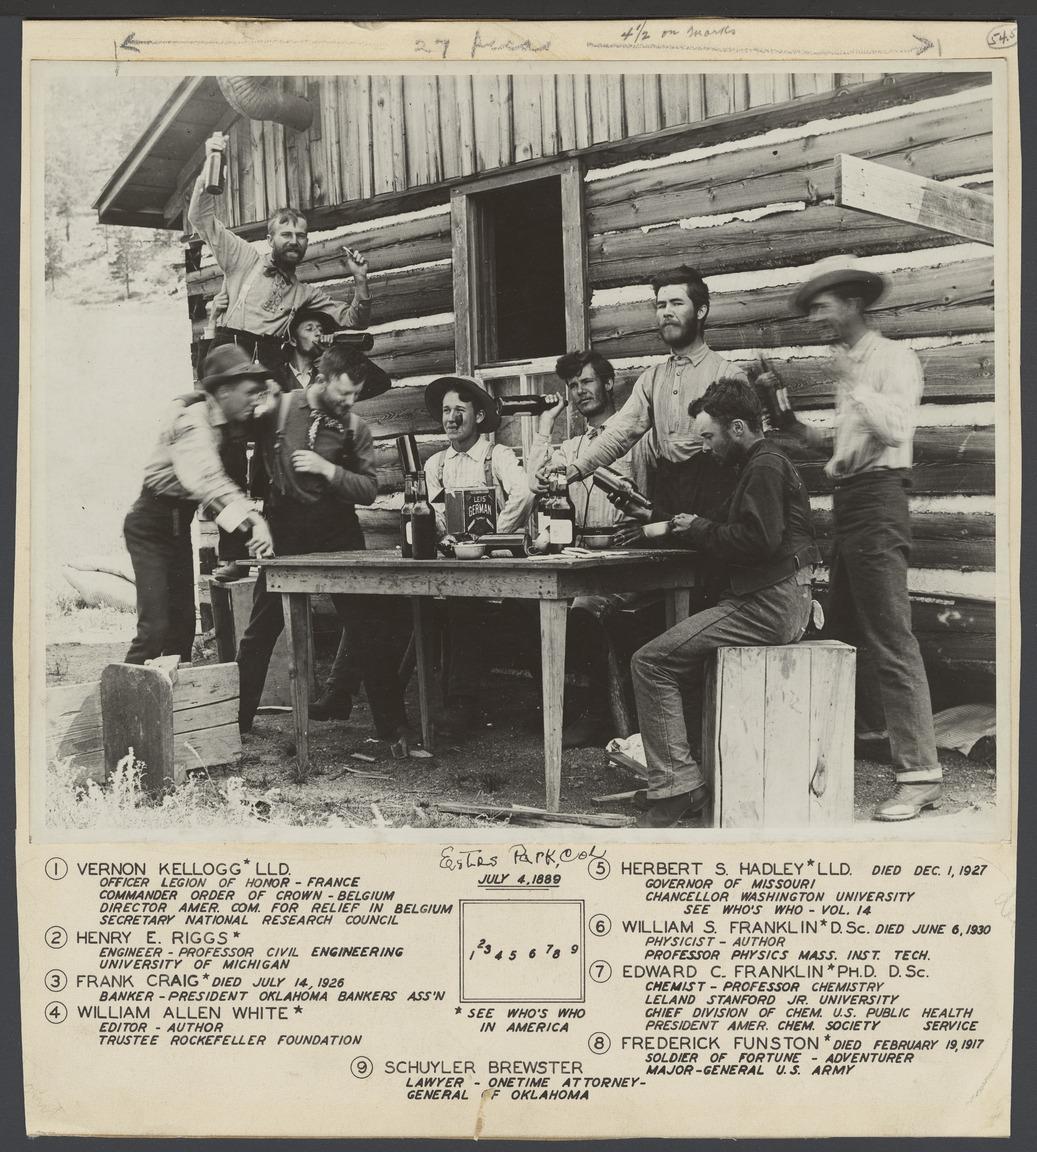 William Allen White with friends in Estes Park, Colorado